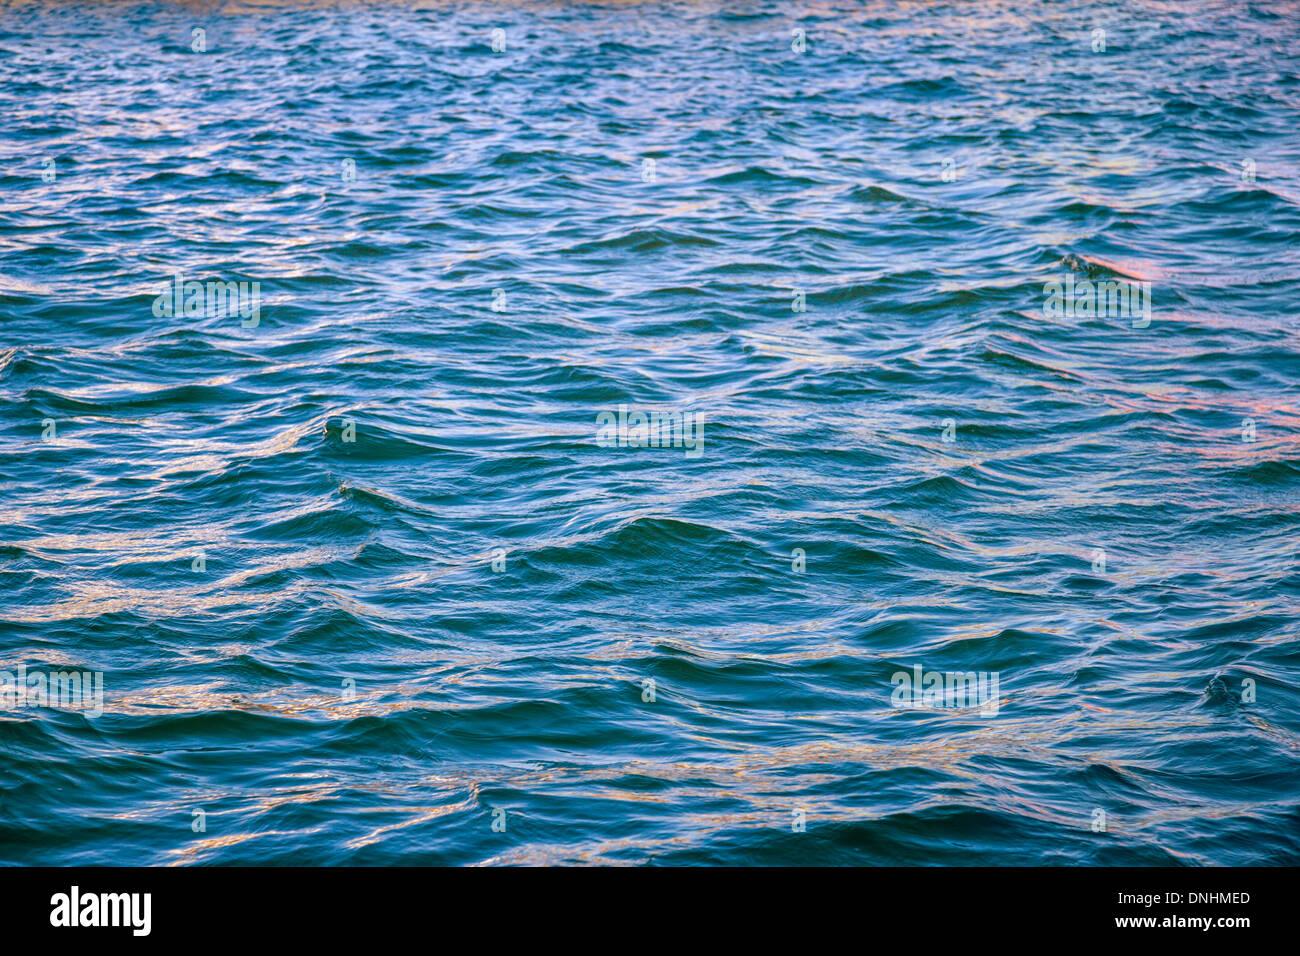 Des vagues de la mer, Barcelone, Catalogne, Espagne Banque D'Images